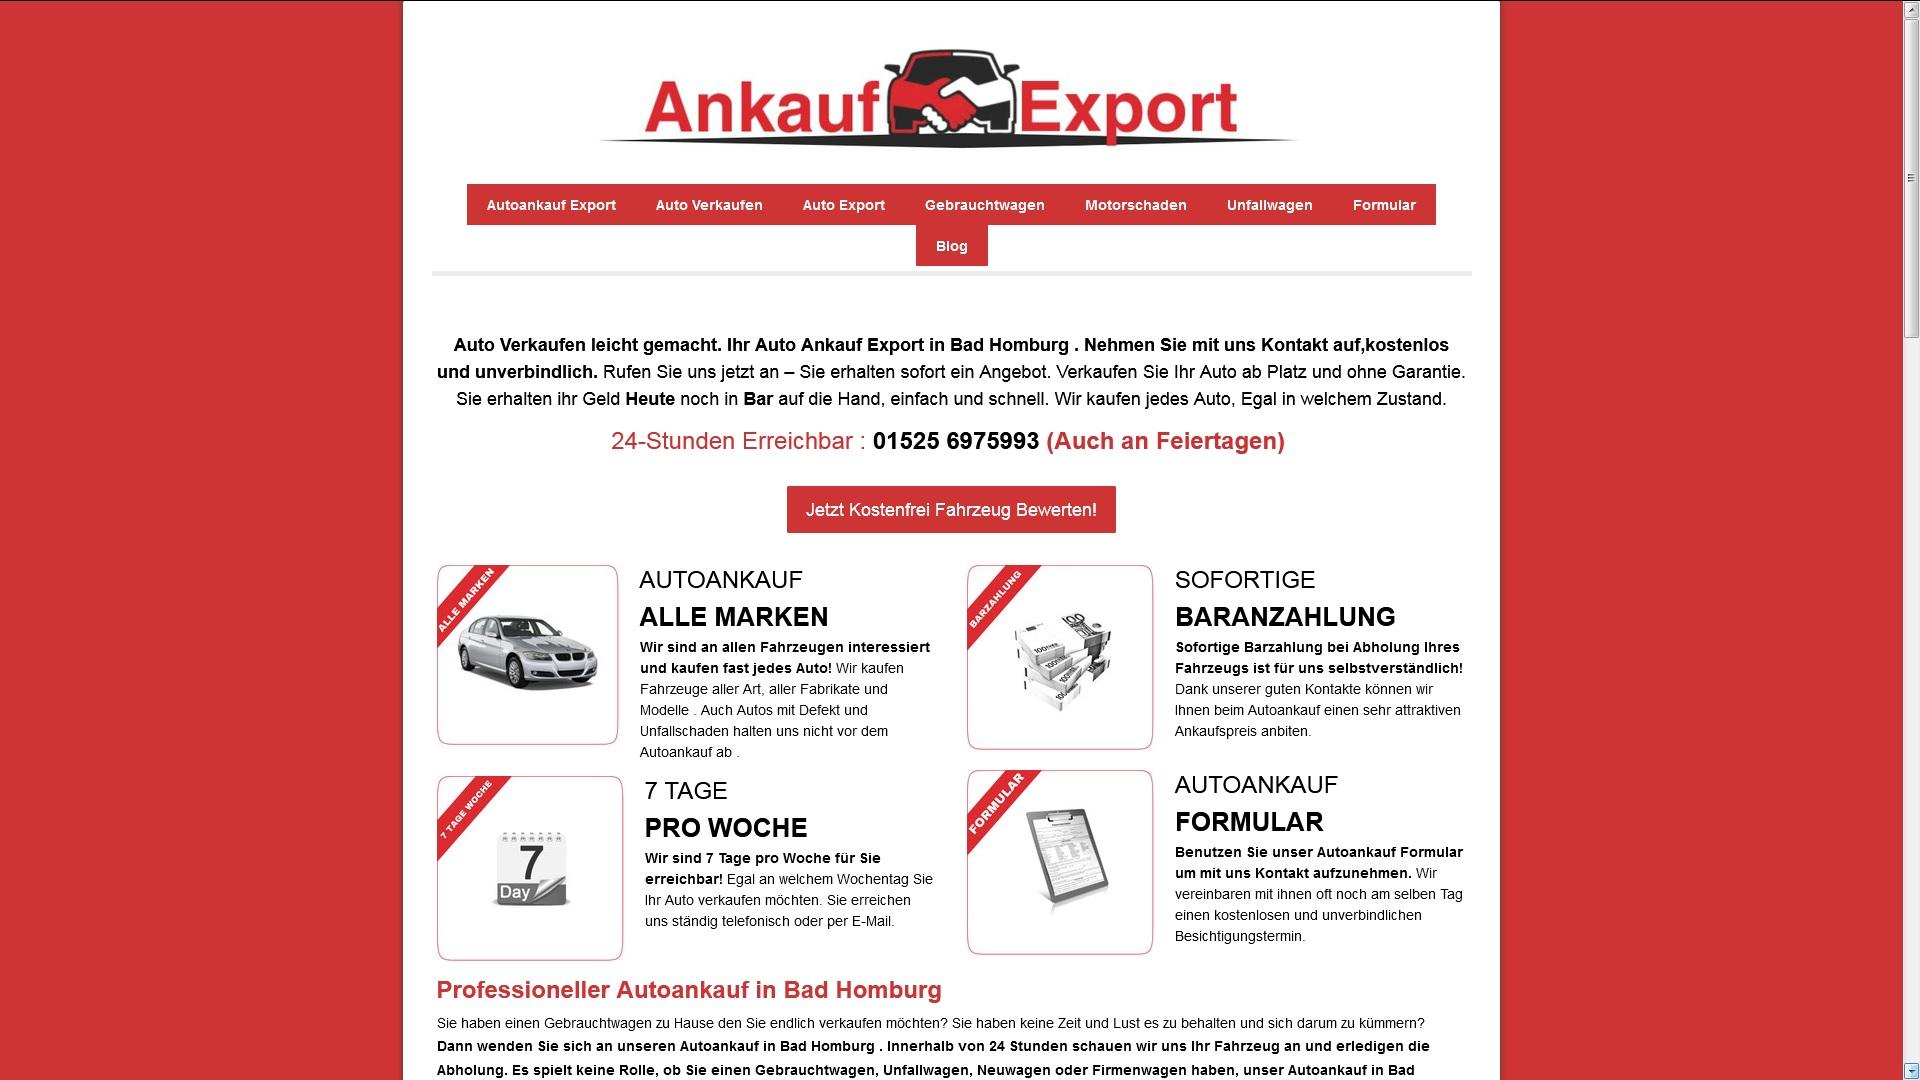 autoankauf cuxhaven ist der ansprechpartner wenn es um den kfz handel geht - Autoankauf Cuxhaven ist der Ansprechpartner, wenn es um den Kfz-Handel geht